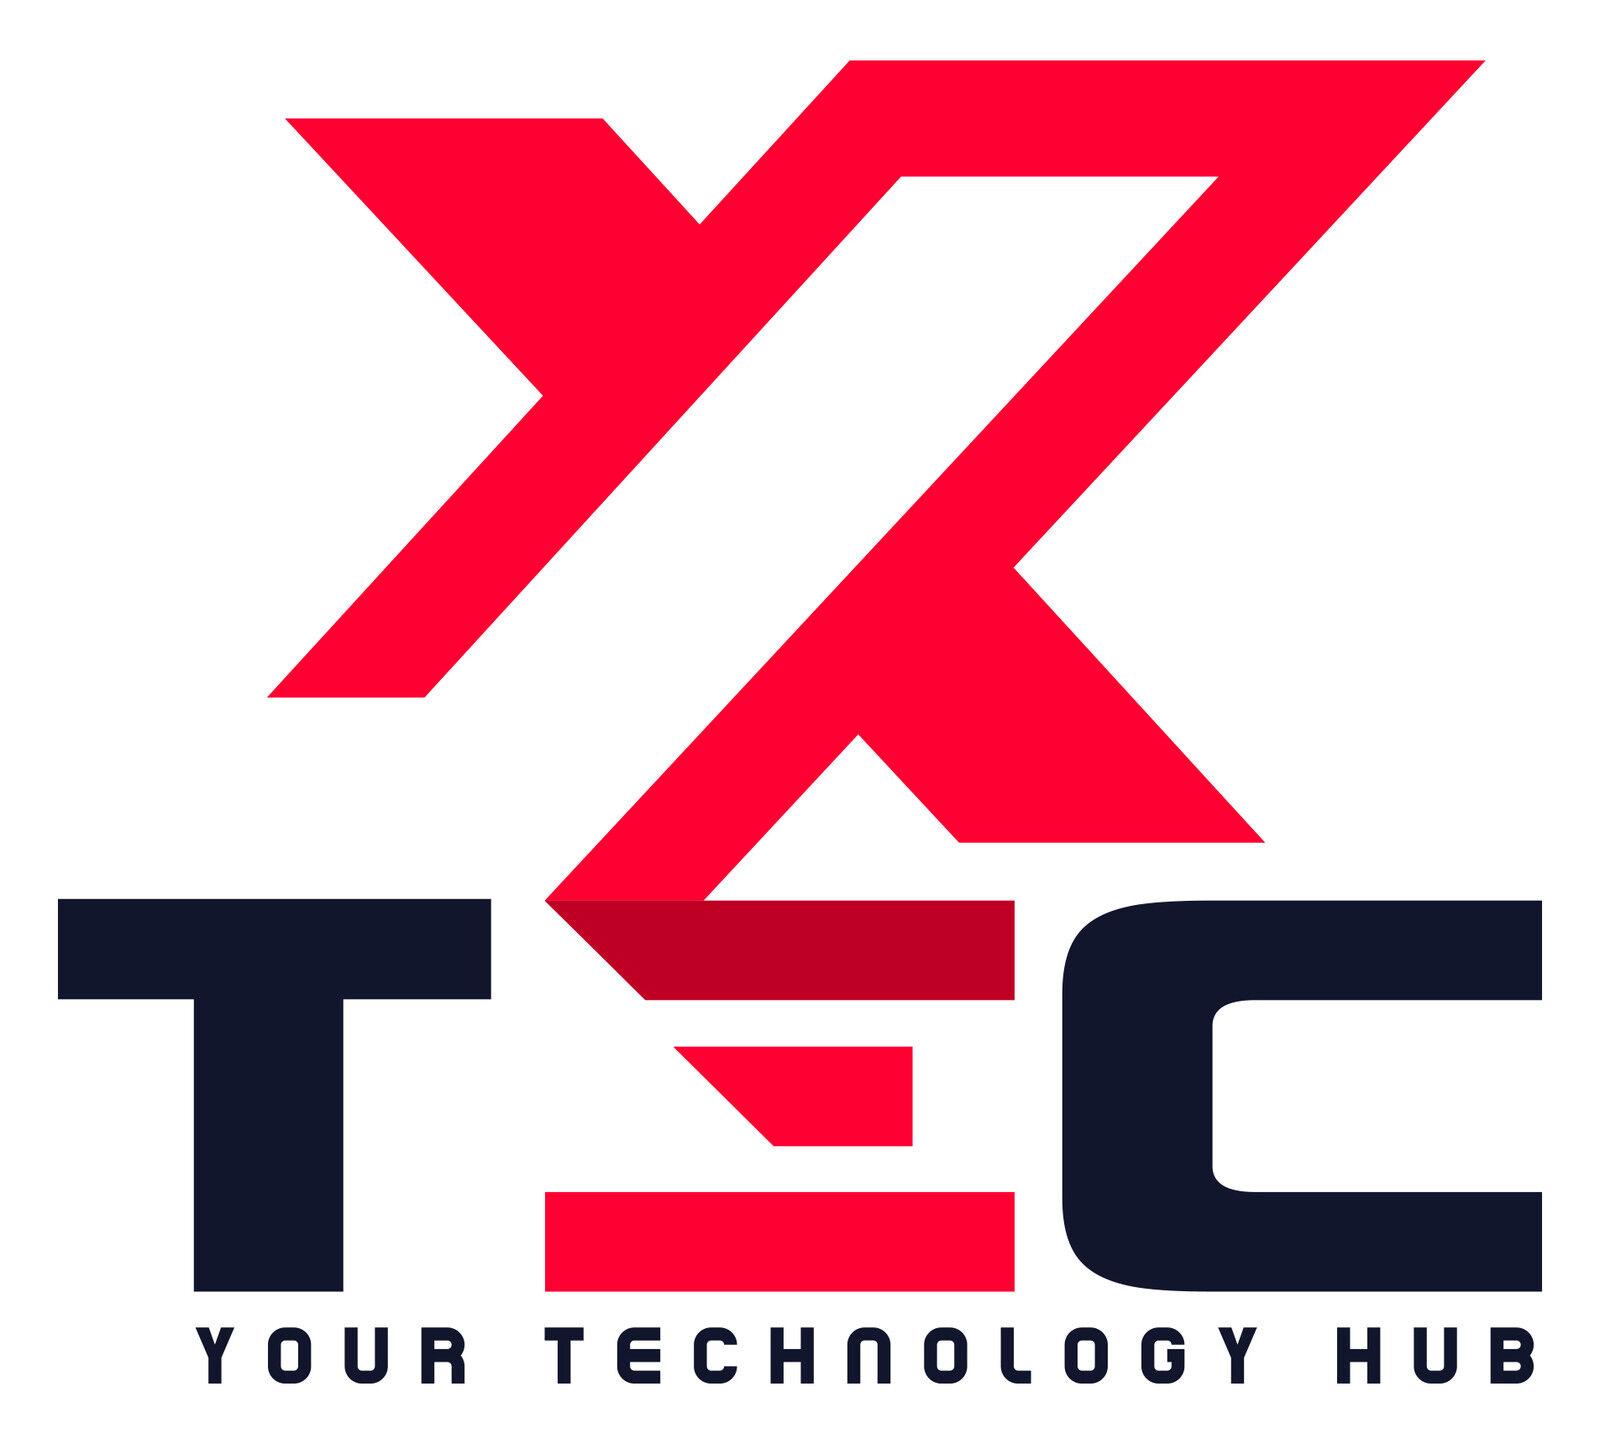 XTEC UK